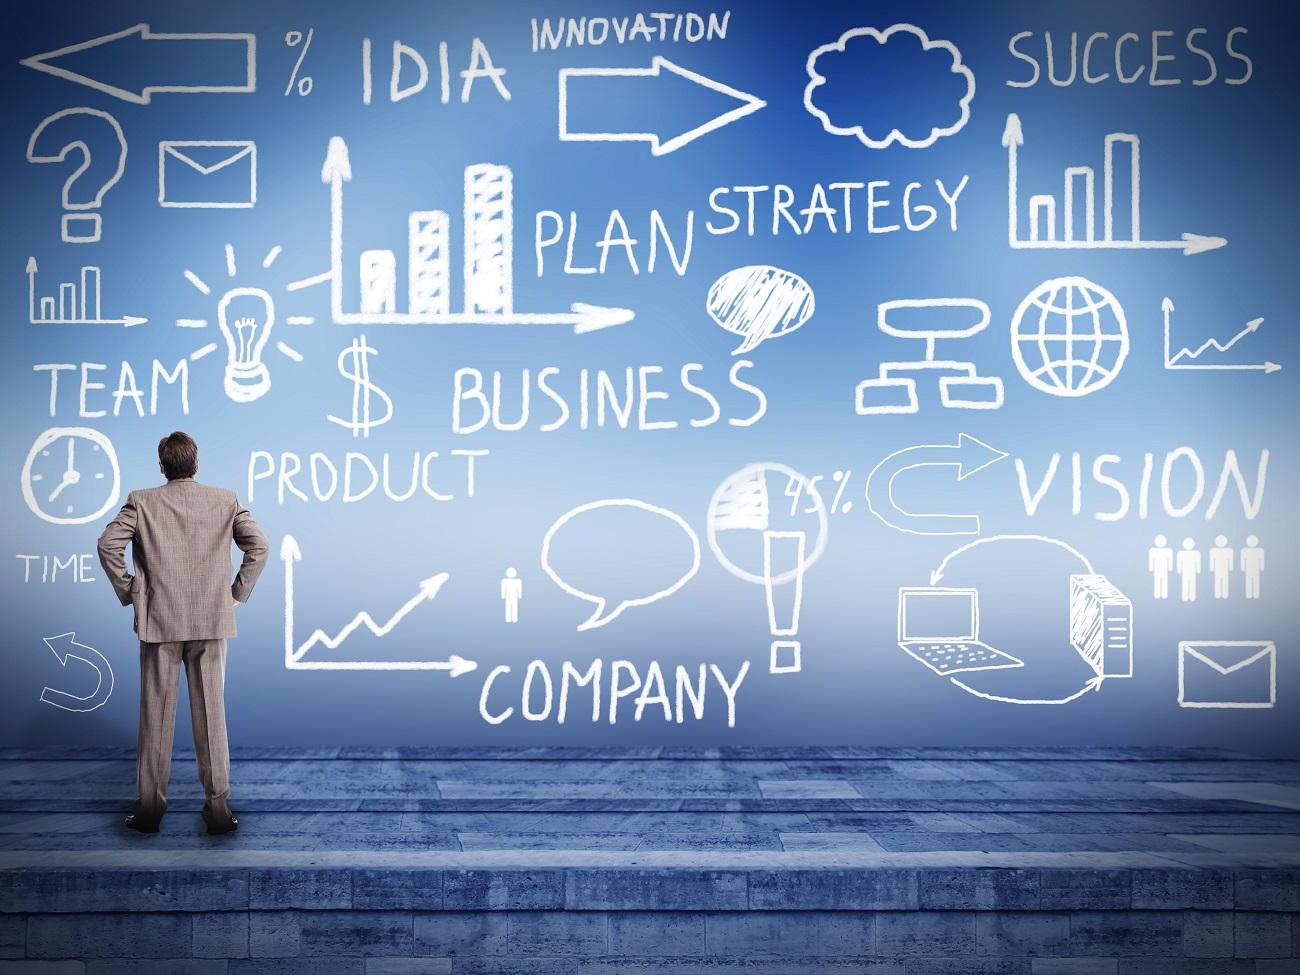 Ecommerce businesses struggle